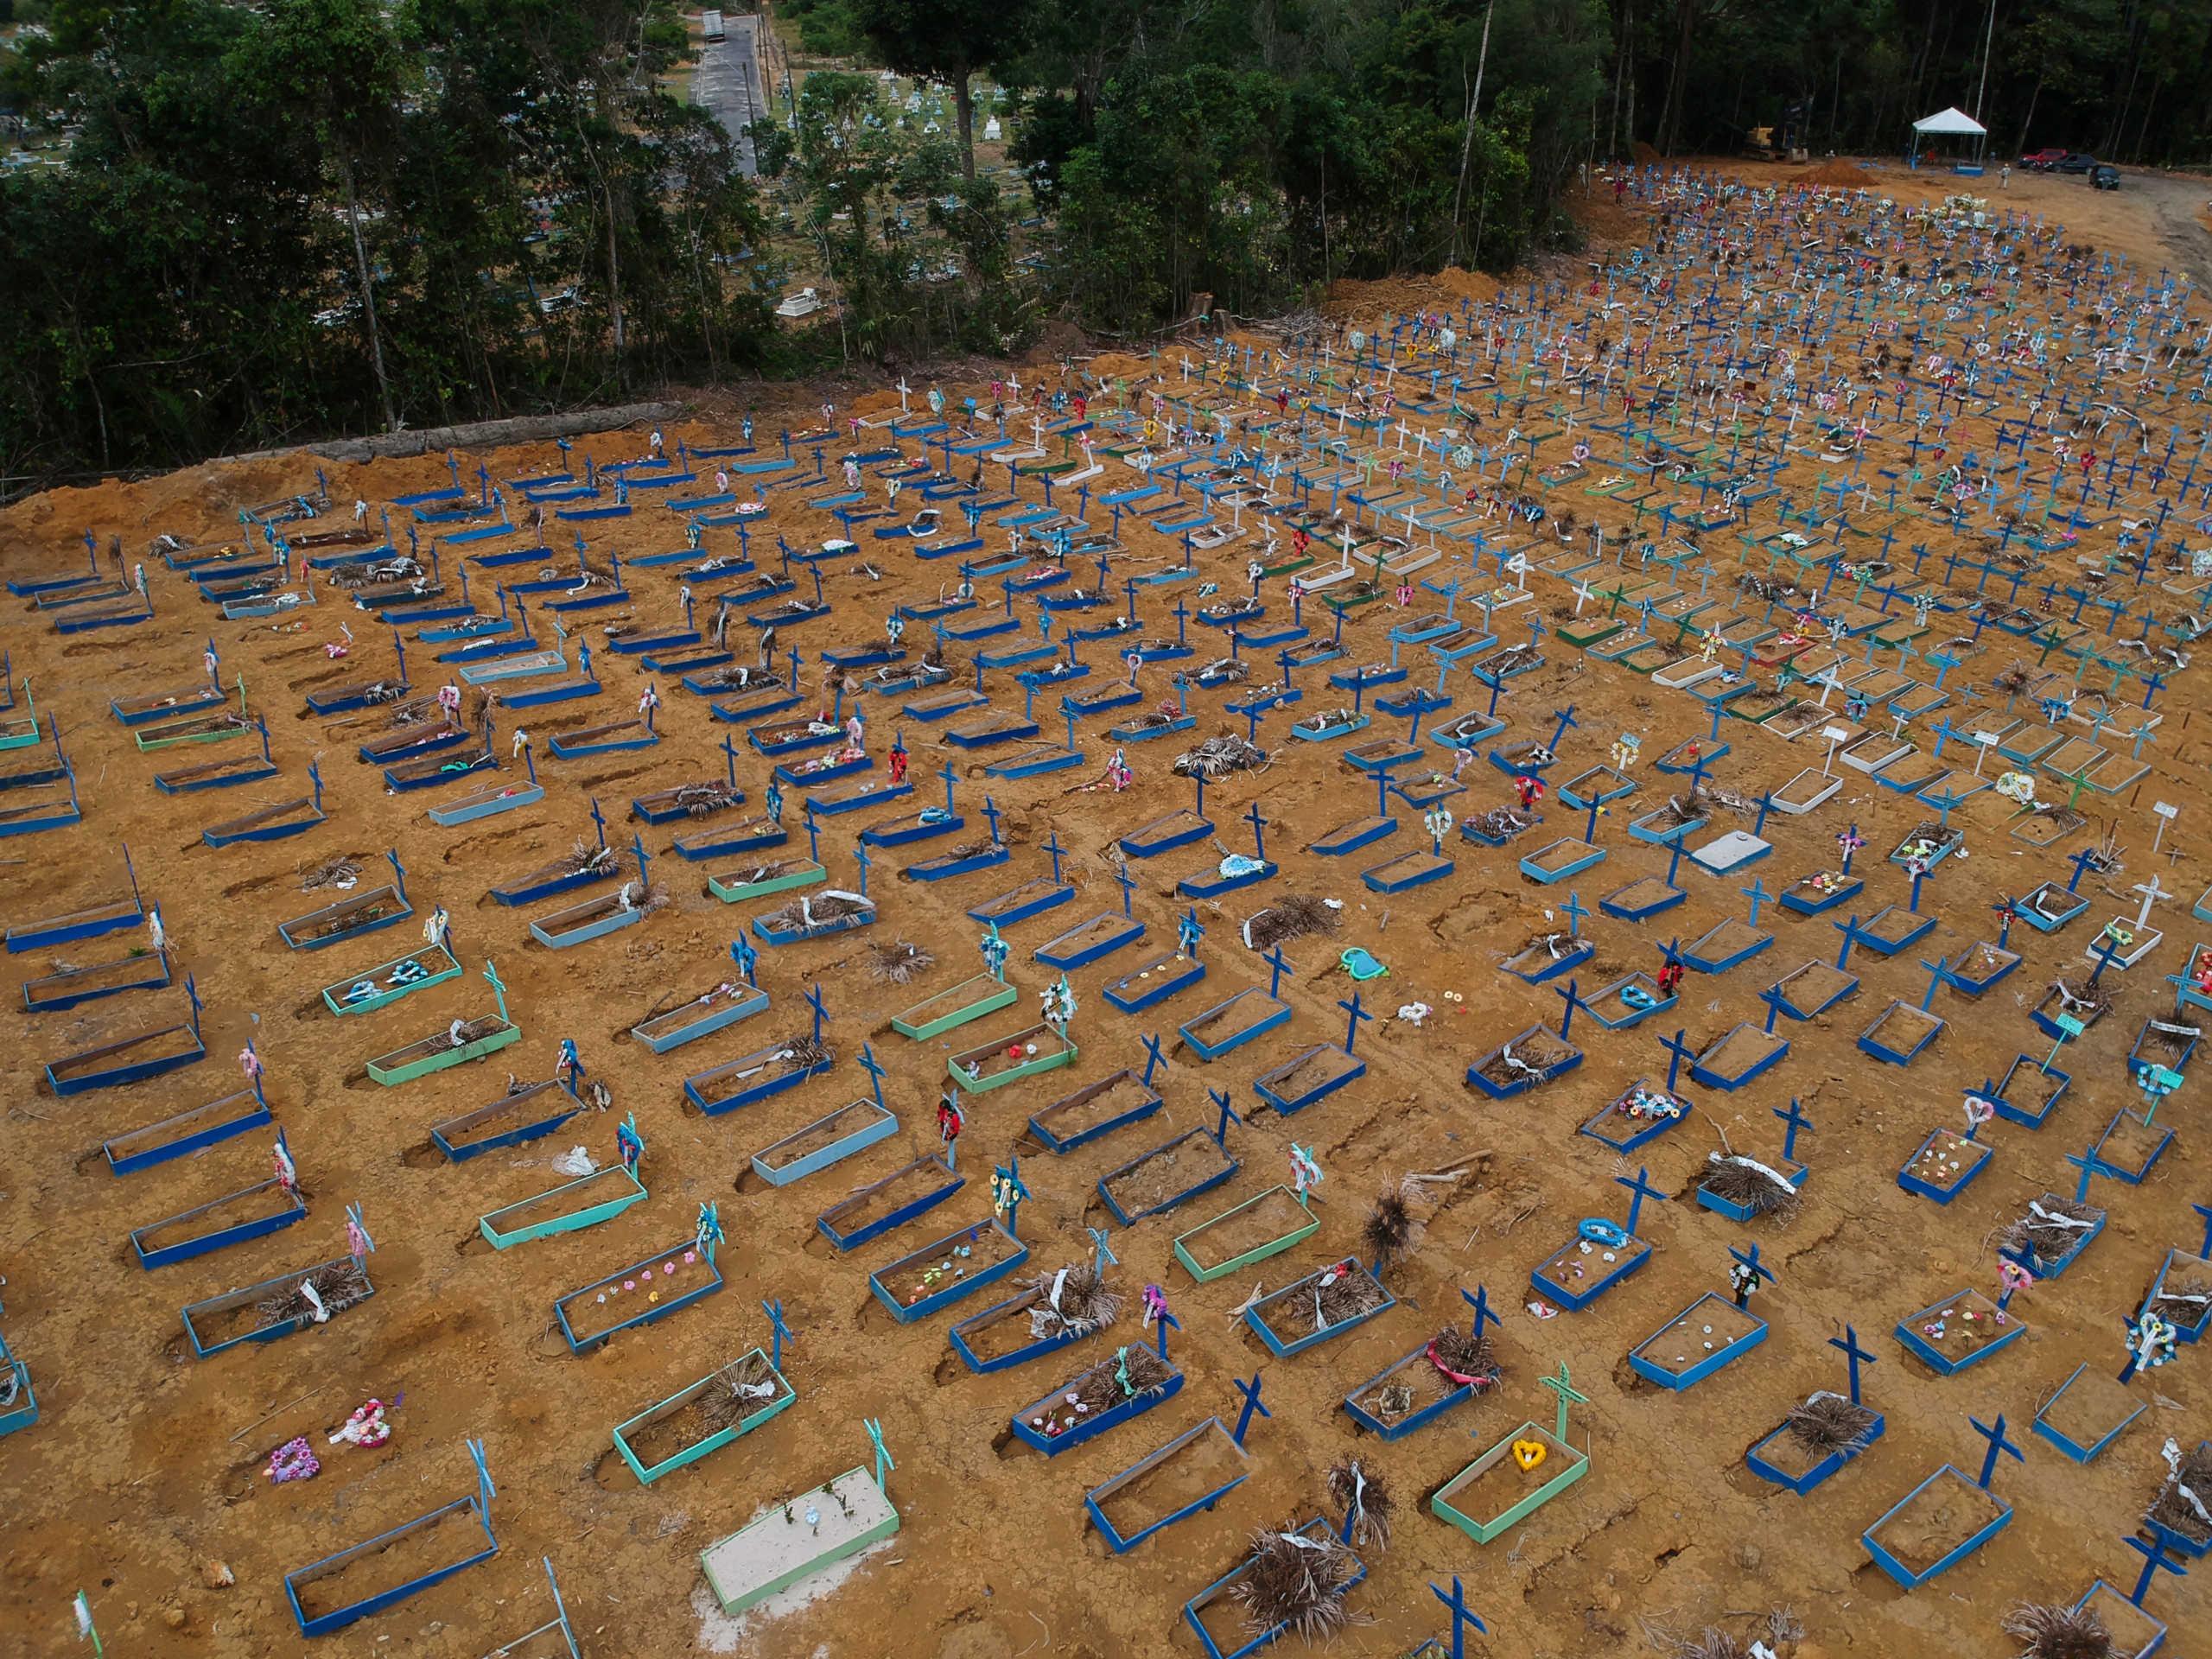 Απέραντο νεκροταφείο η Βραζιλία: Ξεπέρασαν τους 25.000 οι νεκροί από τον κορονοϊό